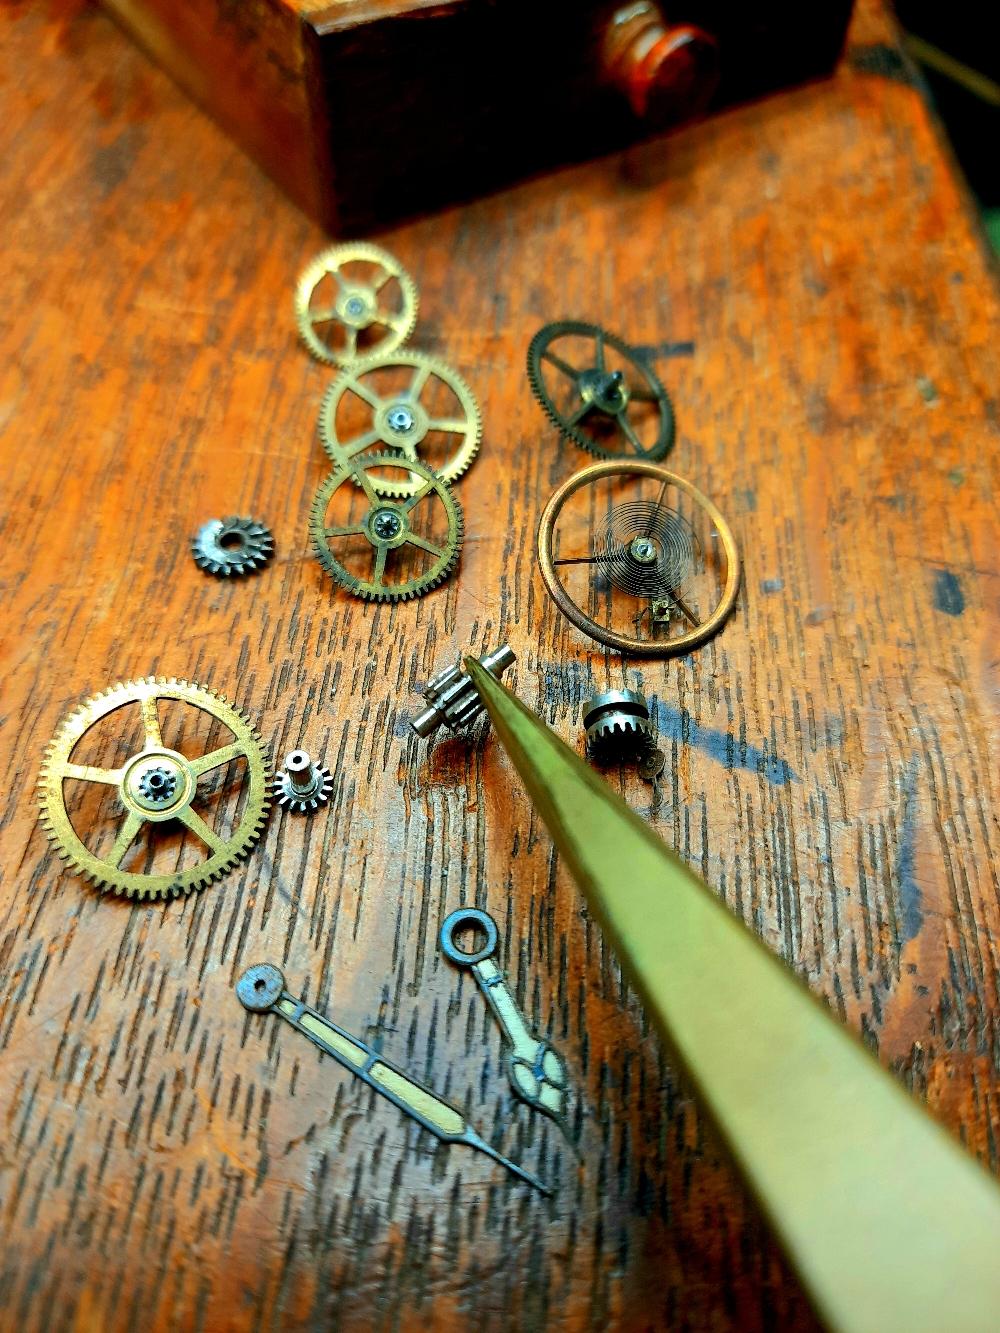 Uhrenreparatur in der eigenen Uhrmachermeisterwerkstatt